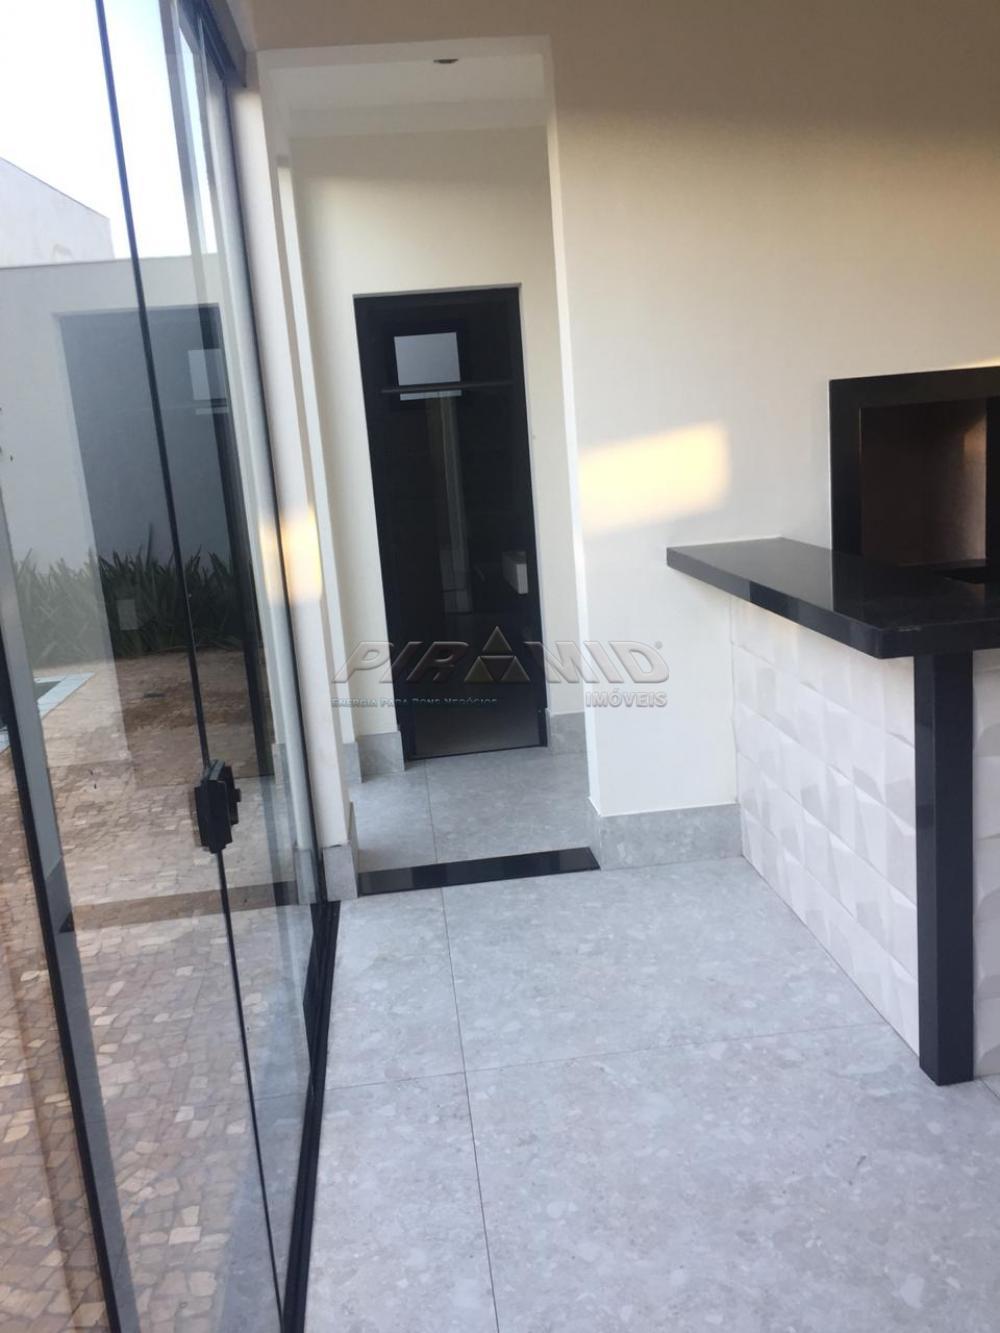 Comprar Casa / Condomínio em Ribeirão Preto apenas R$ 980.000,00 - Foto 8